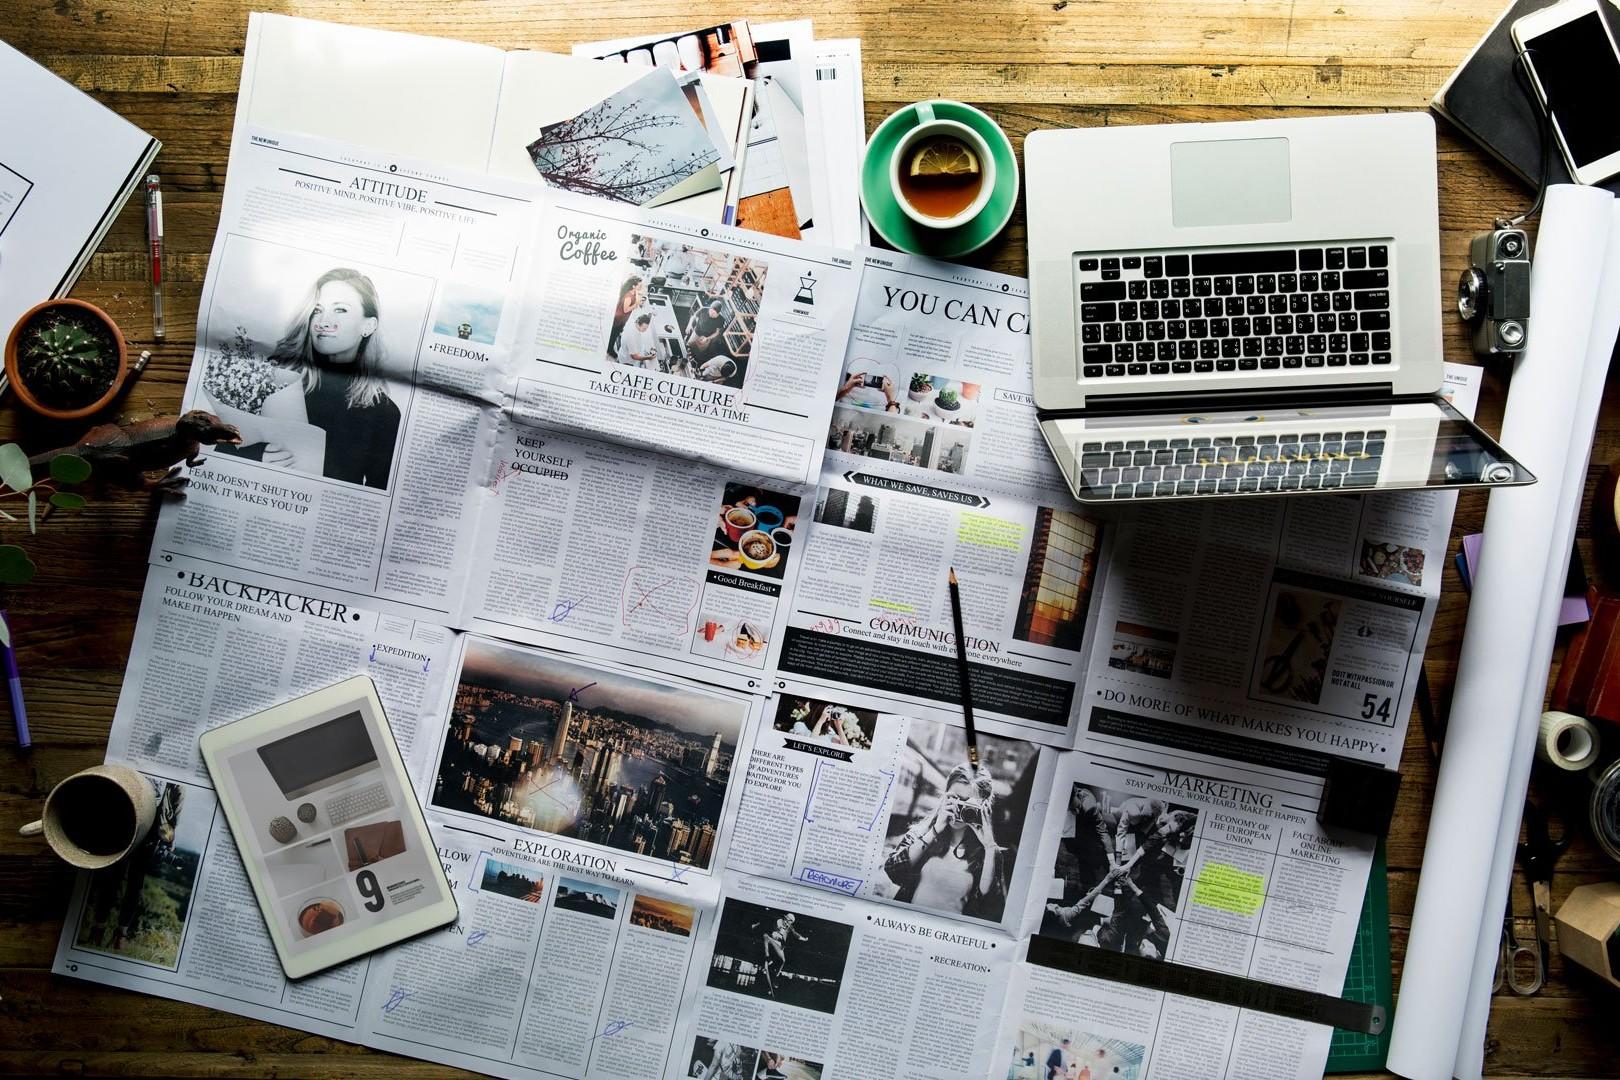 Perfekte Blogartikel schreiben: Das braucht ein Artikel, damit er funktioniert 1